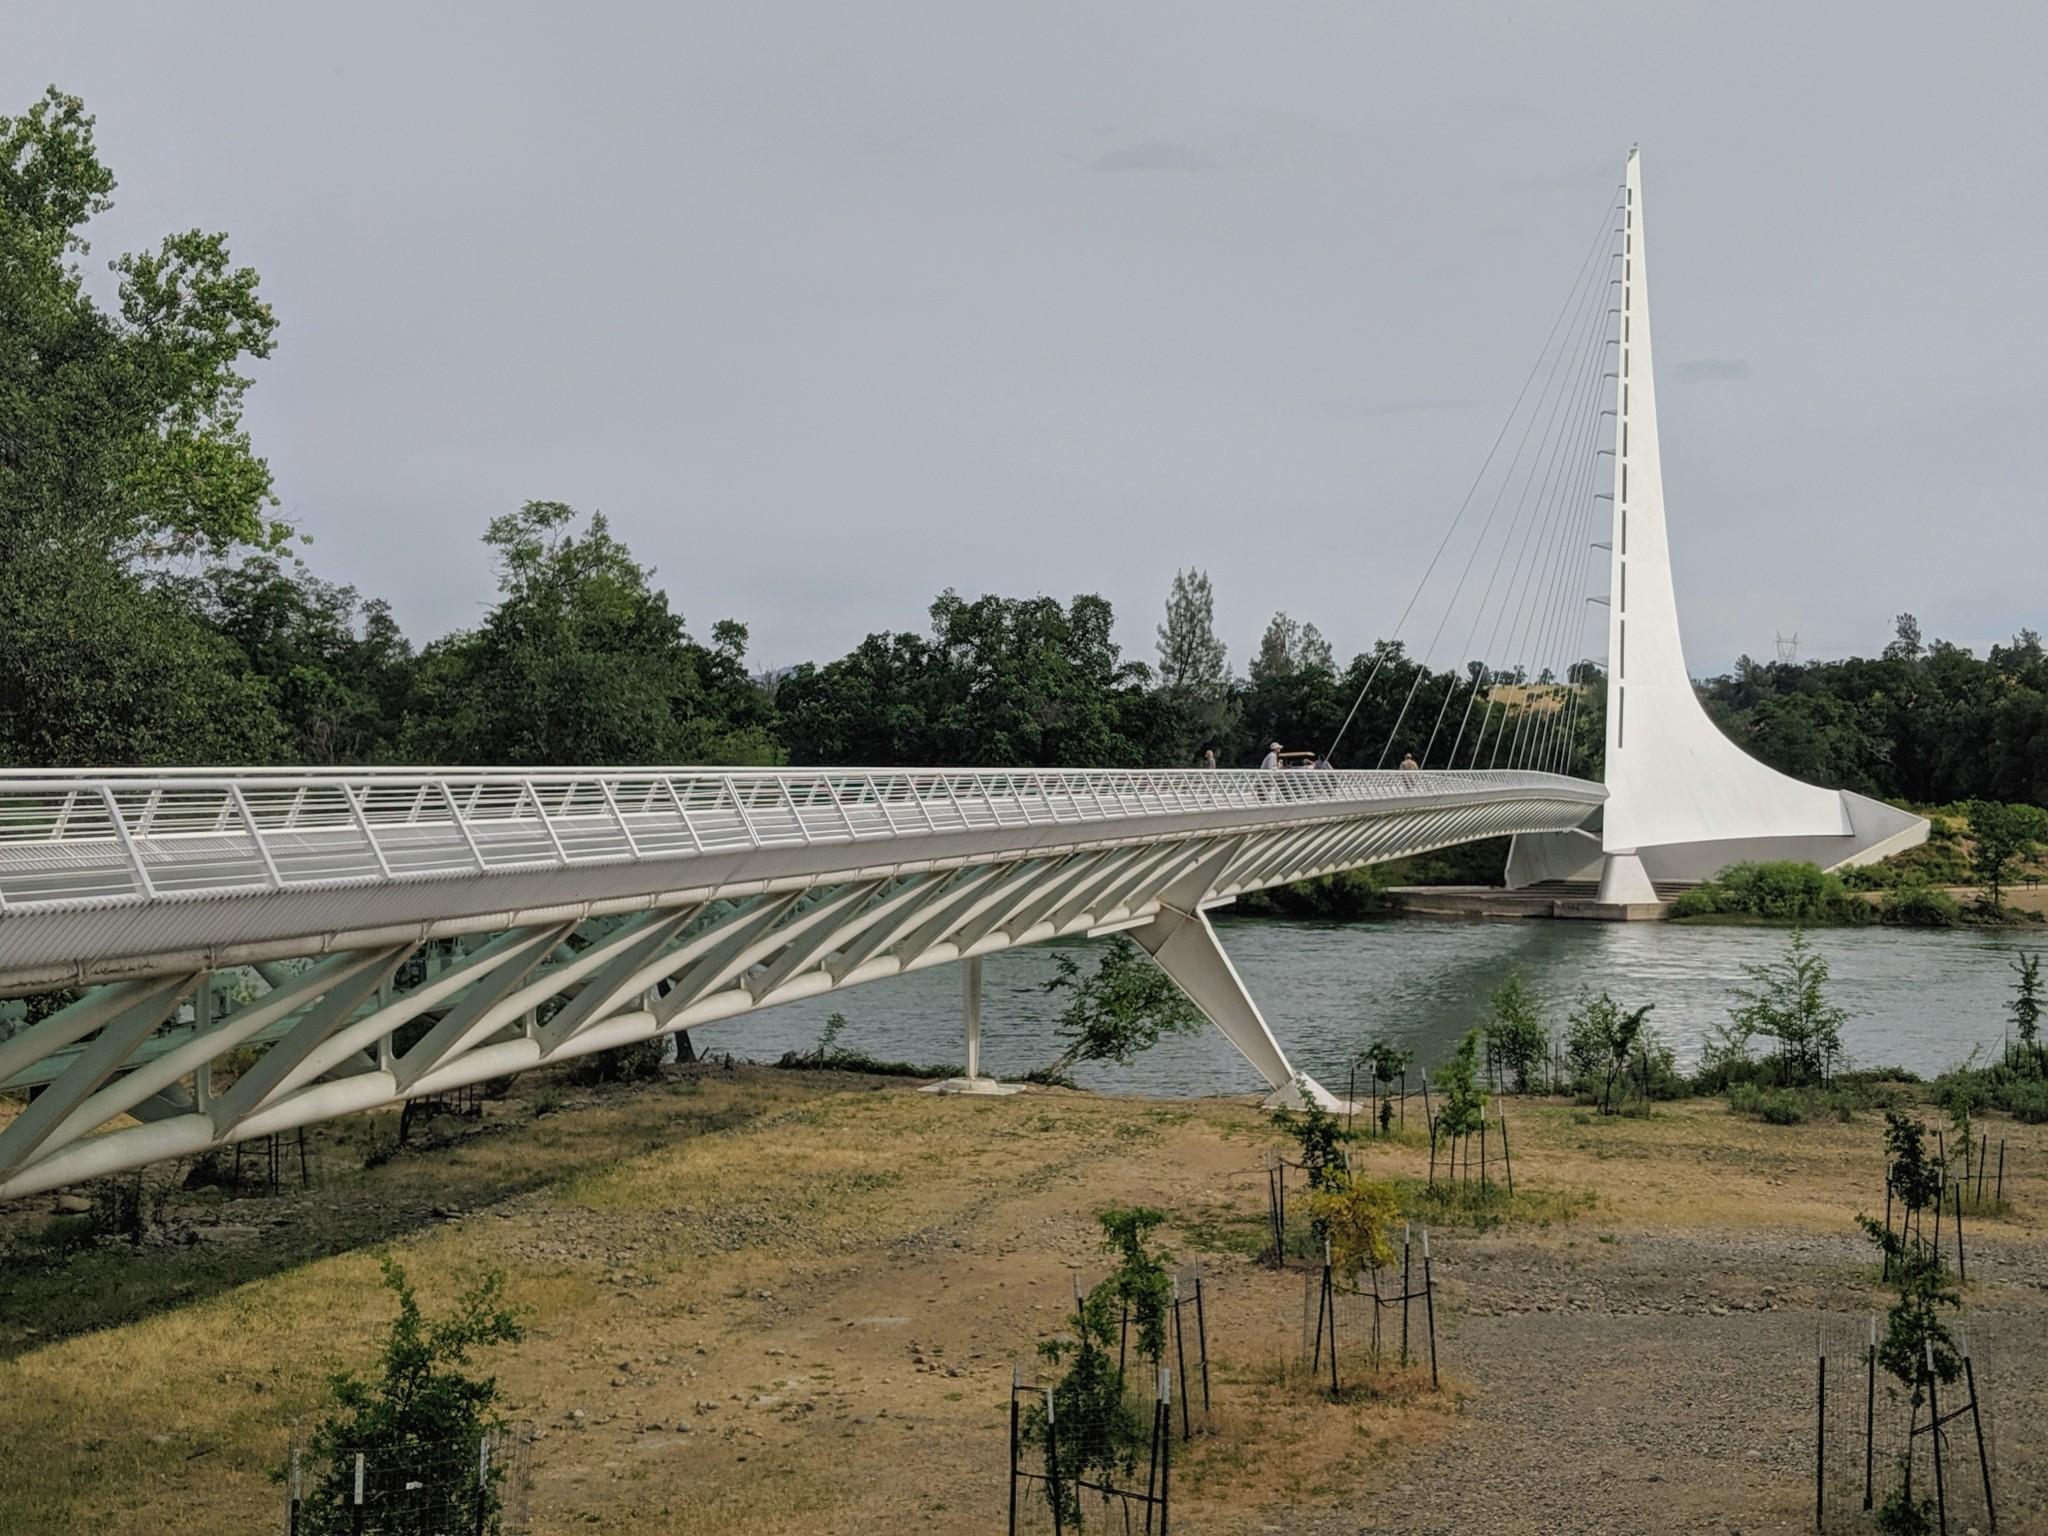 reve visita al Sundial Bridge (Ponte ciclo-pedonale Meridiana) sul fiume Sacramento presso il Turtle Park a Reddings, CA.  Il ponte è stato progettato dall'architetto spagnolo Santiago Calatrava.